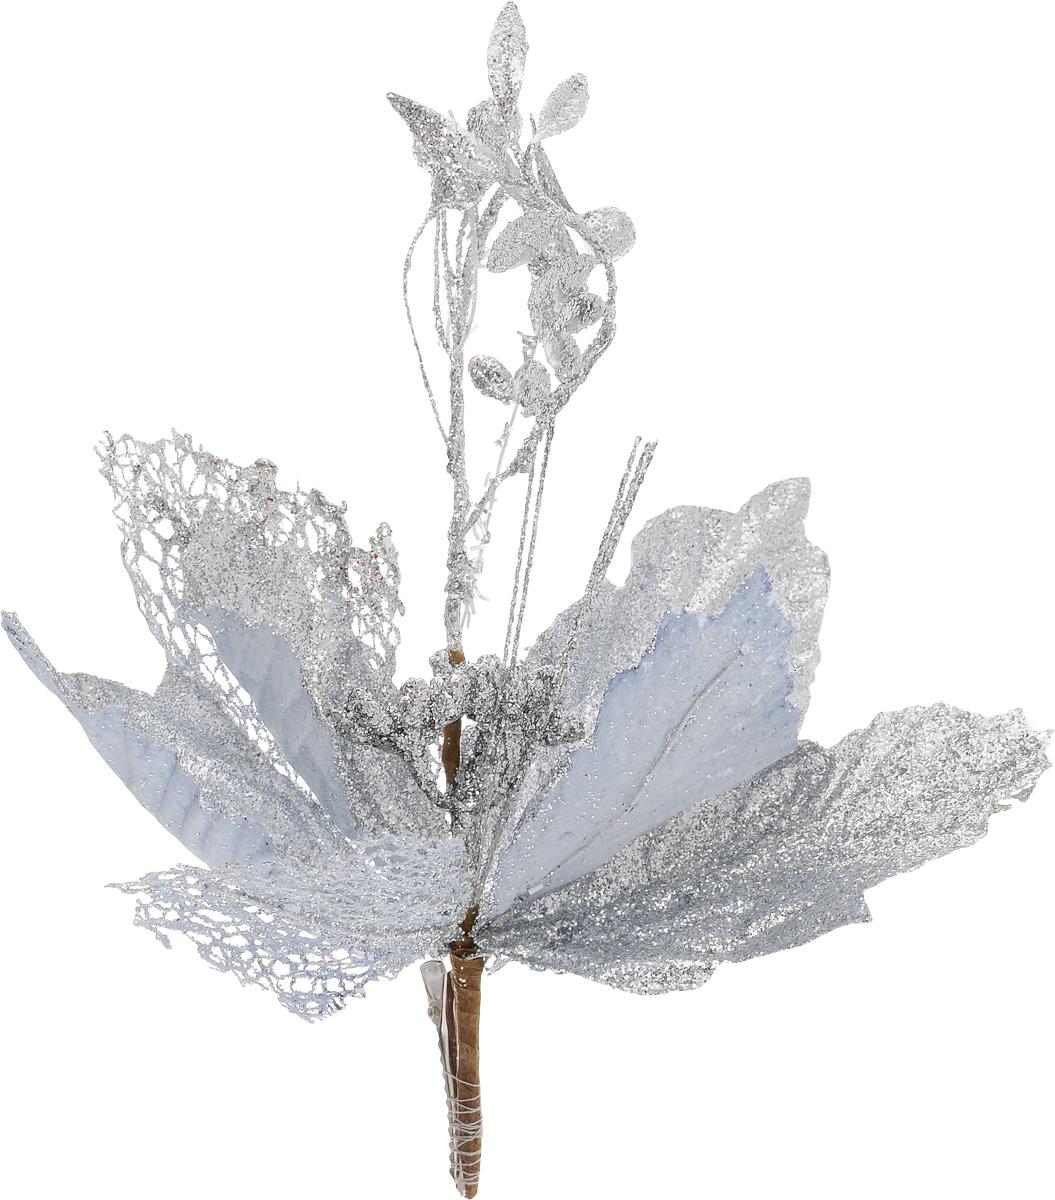 Украшение новогоднее Феникс-Презент Цветок, на клипсе, цвет: серебристый, длина 22 см42492Новогоднее украшение Феникс-Презент Цветок выполнено из поливинилхлорида в форме цветка на клипсе. Украшение можно прикрепить в любом понравившемся вам месте. Но, конечно, удачнее всего оно будет смотреться на праздничной елке. Елочная игрушка - символ Нового года. Она несет в себе волшебство и красоту праздника. Создайте в своем доме атмосферу веселья и радости, украшая новогоднюю елку нарядными игрушками, которые будут из года в год накапливать теплоту воспоминаний.